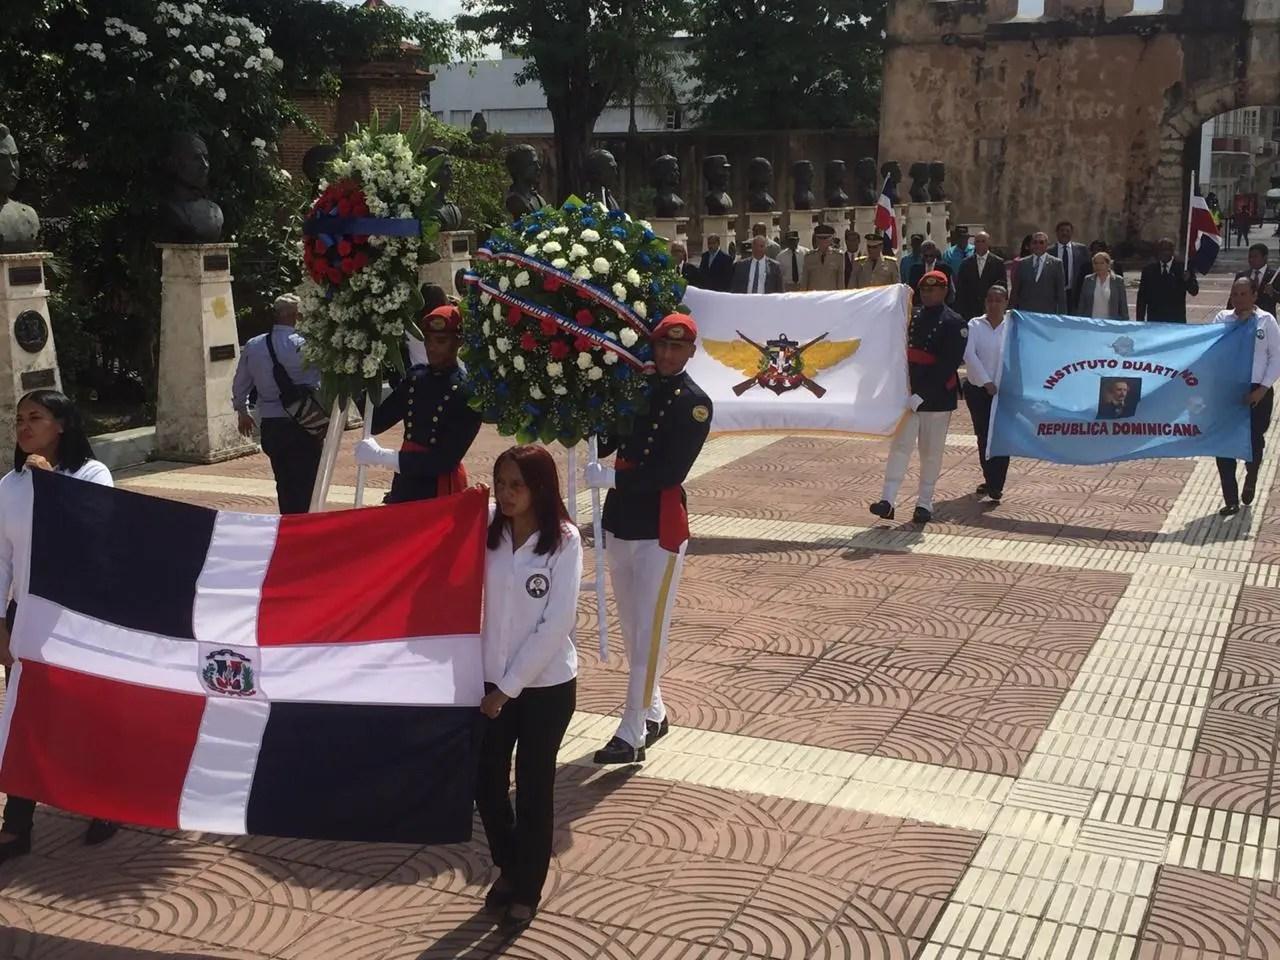 Instituto Duartiano conmemora fallecimiento del patricio y mañana la creación de La Trinitaria